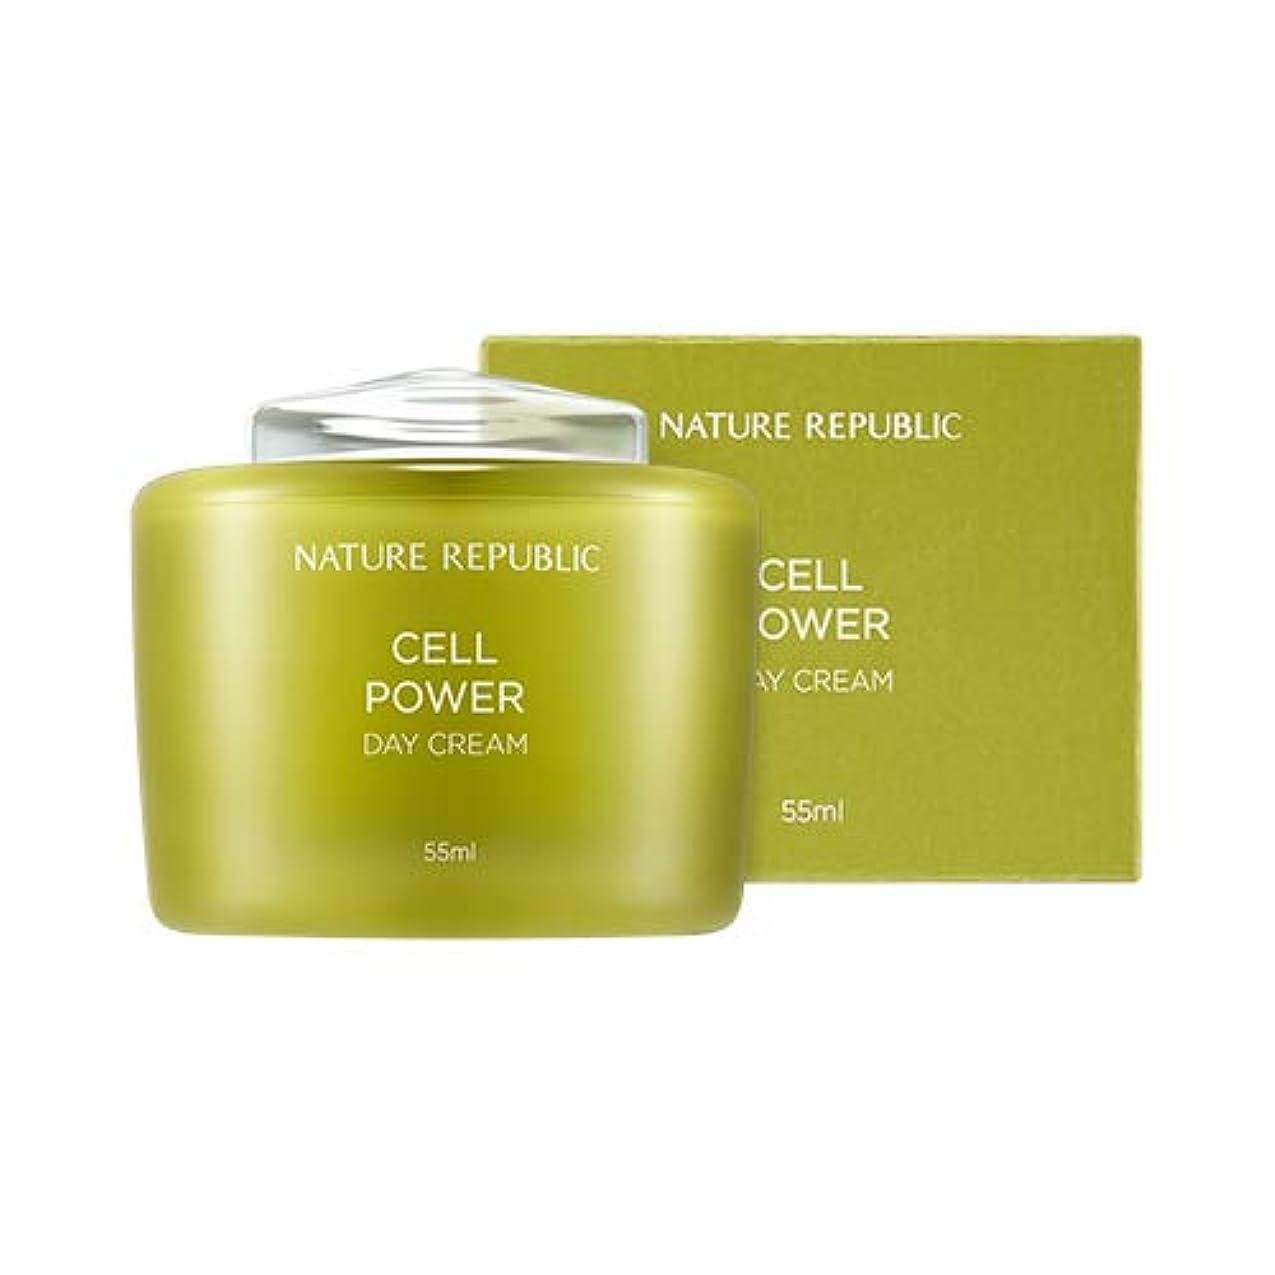 調査コークス戦争NATURE REPUBLIC Cell Power Day Cream/ネイチャーリパブリック セルパワー デイクリーム 55ml [並行輸入品]